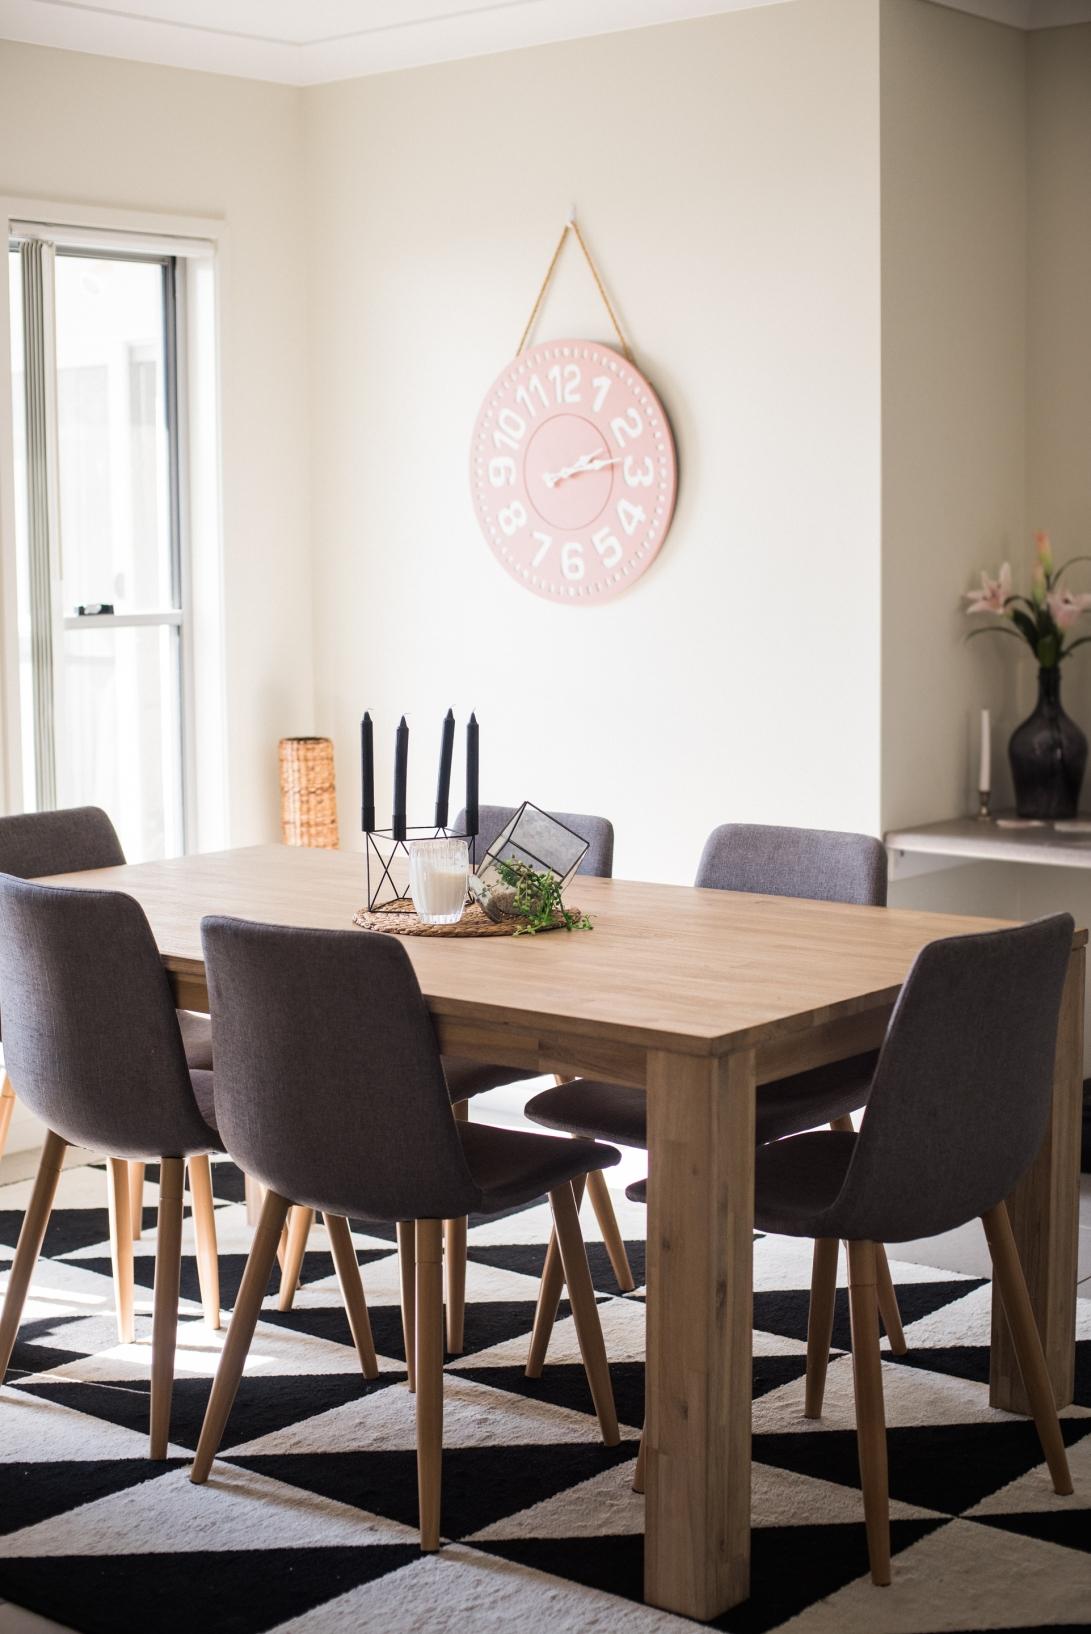 Sammy Boynton Designs -Home Decor Sept 2017-6